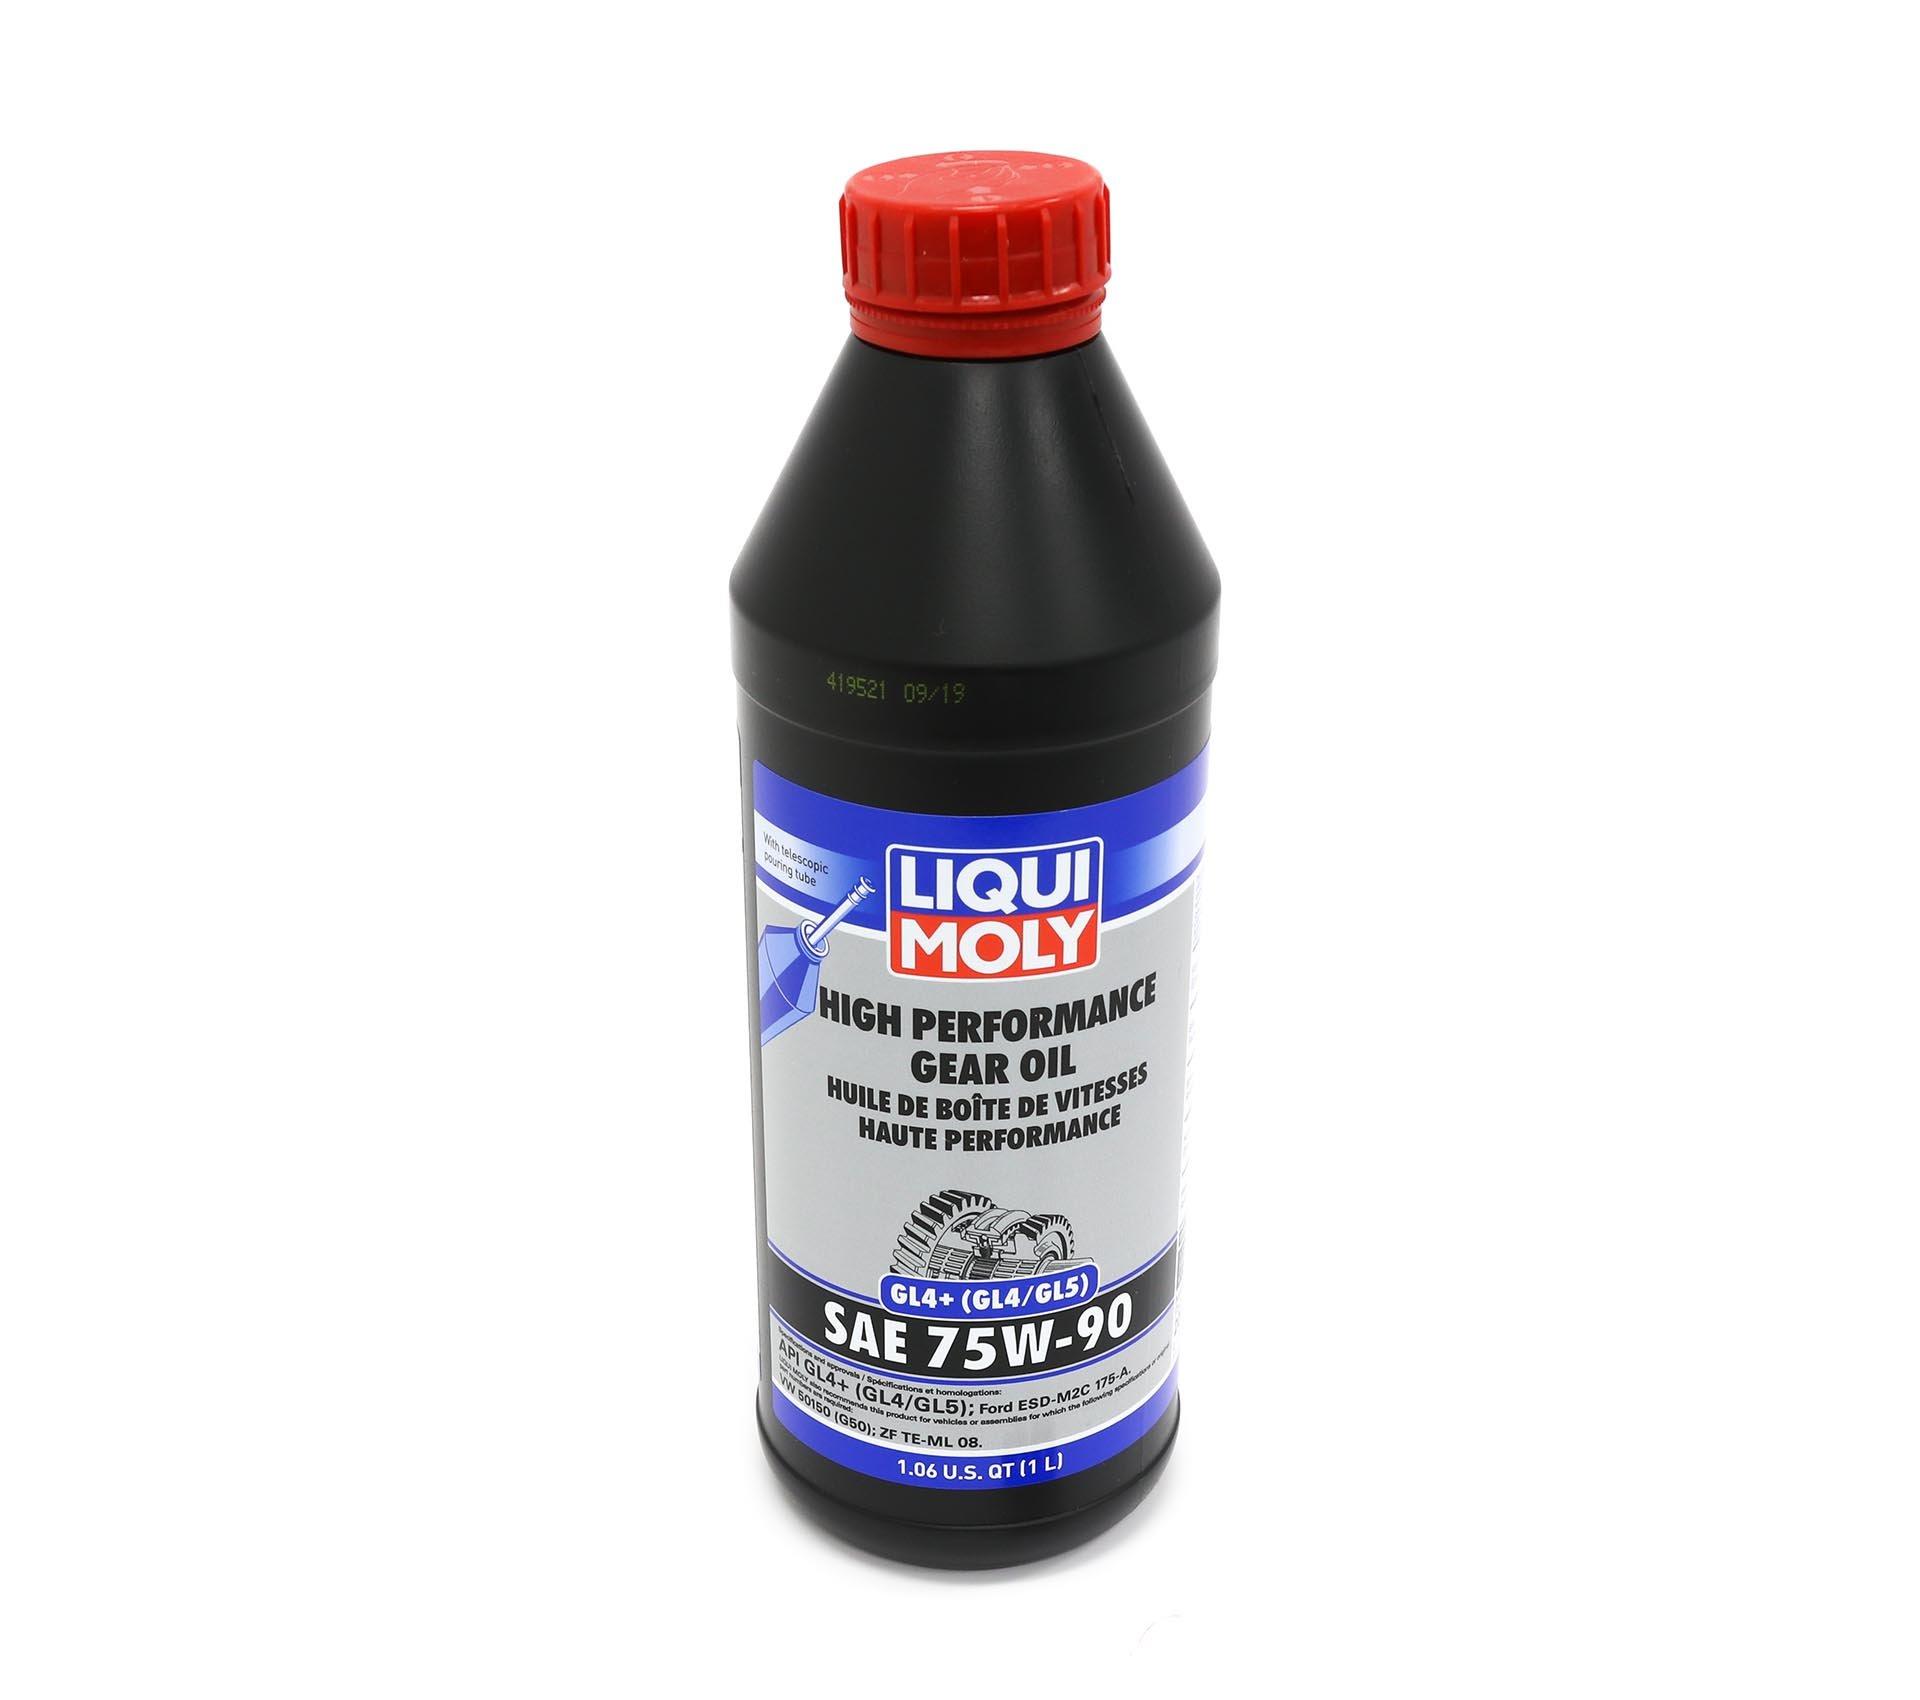 14_LIQUI MOLY 75w90 gear oil for VW GTI 6 speed